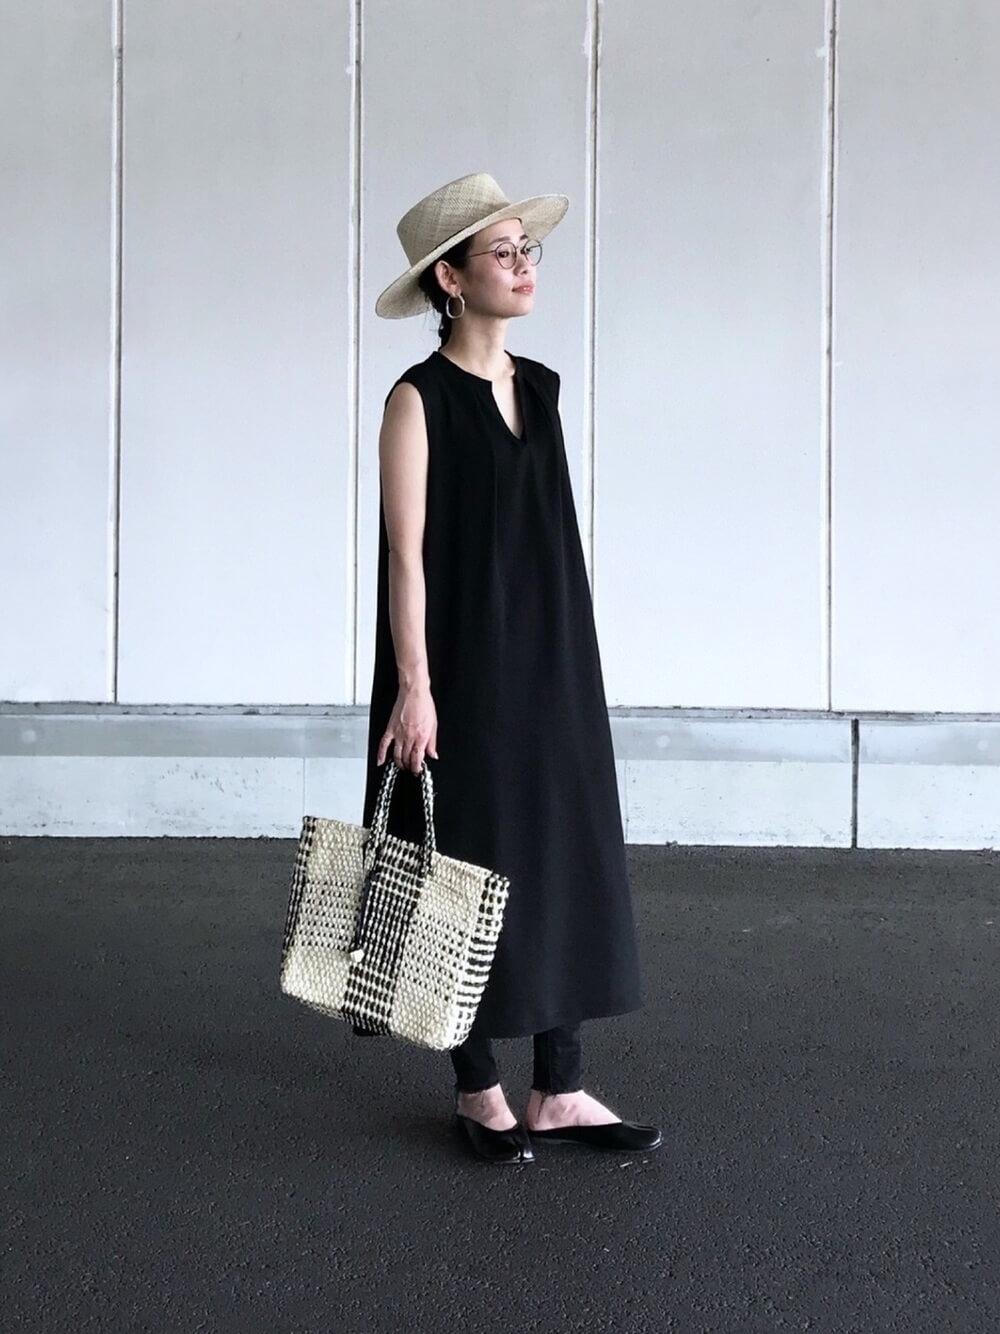 カンカン帽×黒のワンピース×黒の足袋パンプス